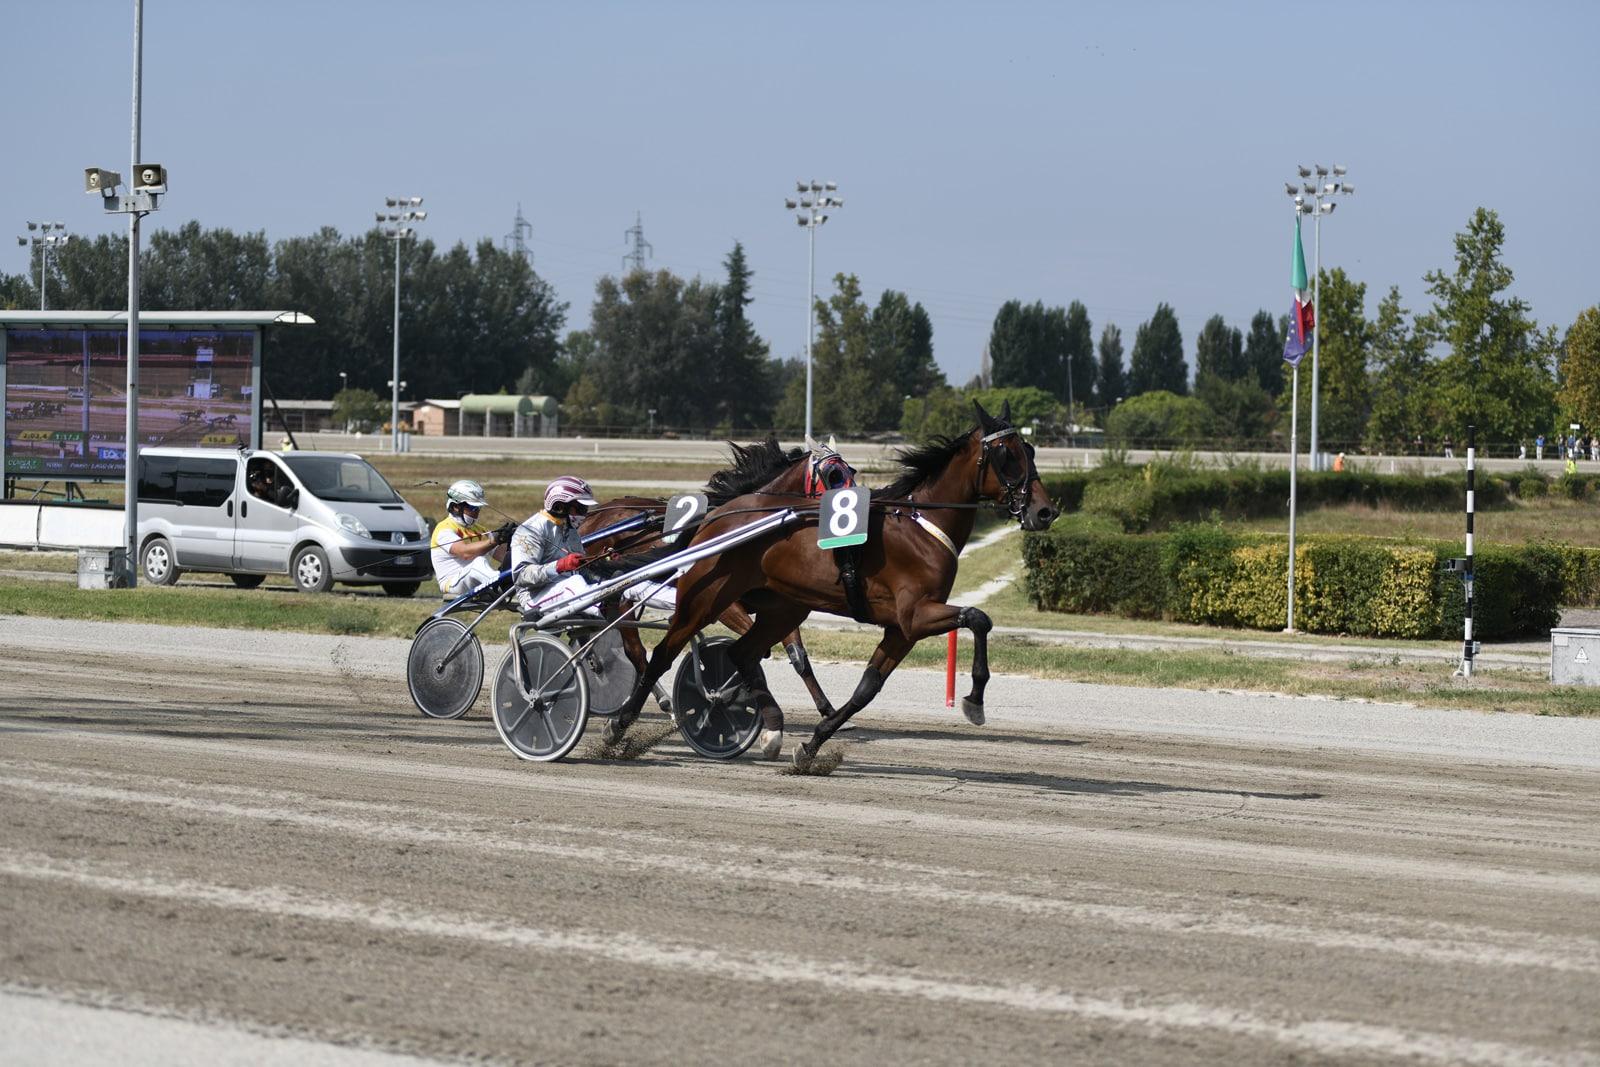 2021-09-11-corsa-1-01